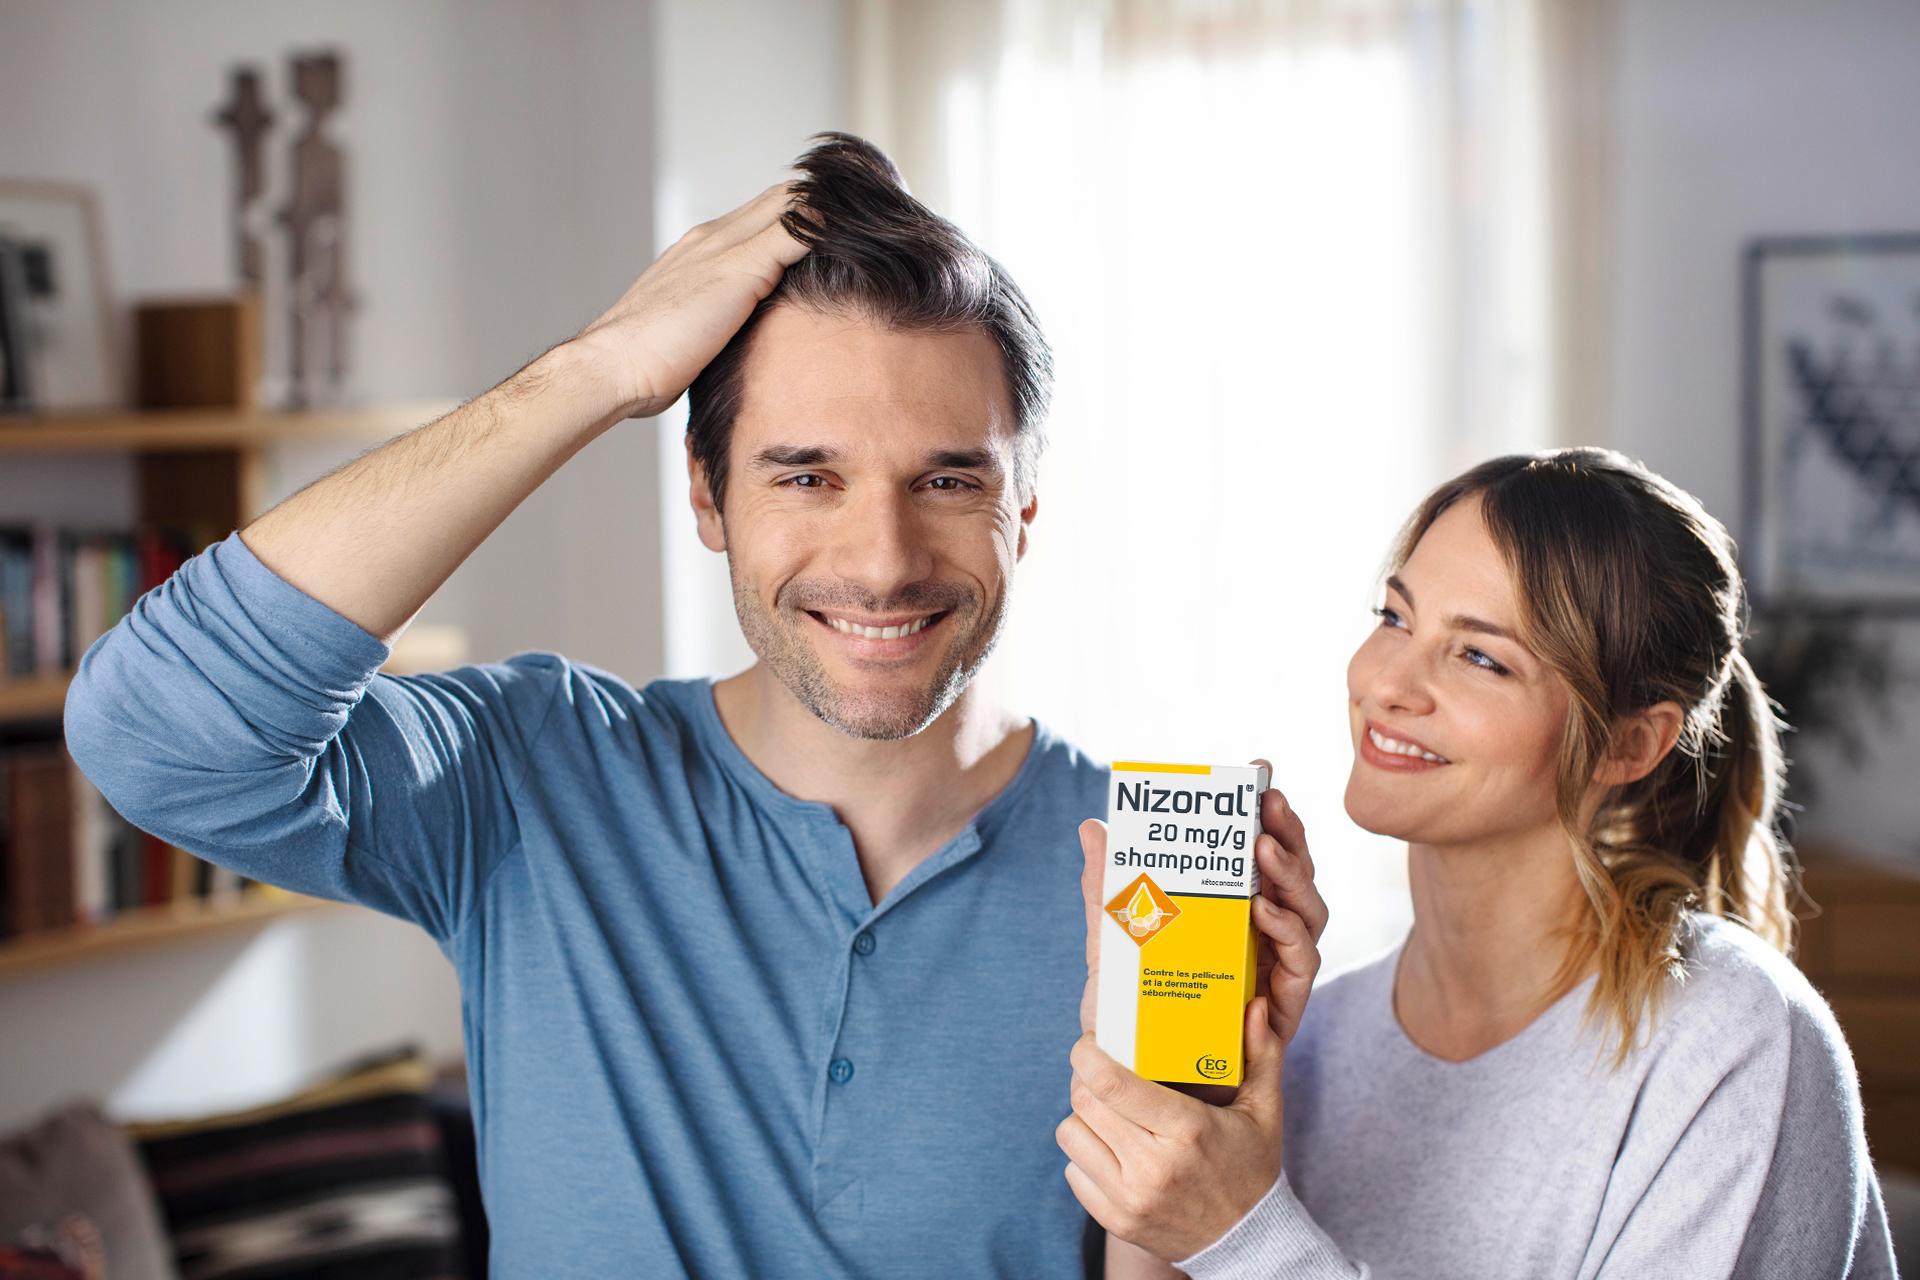 Le kétoconazole, une substance contre les champignons ...